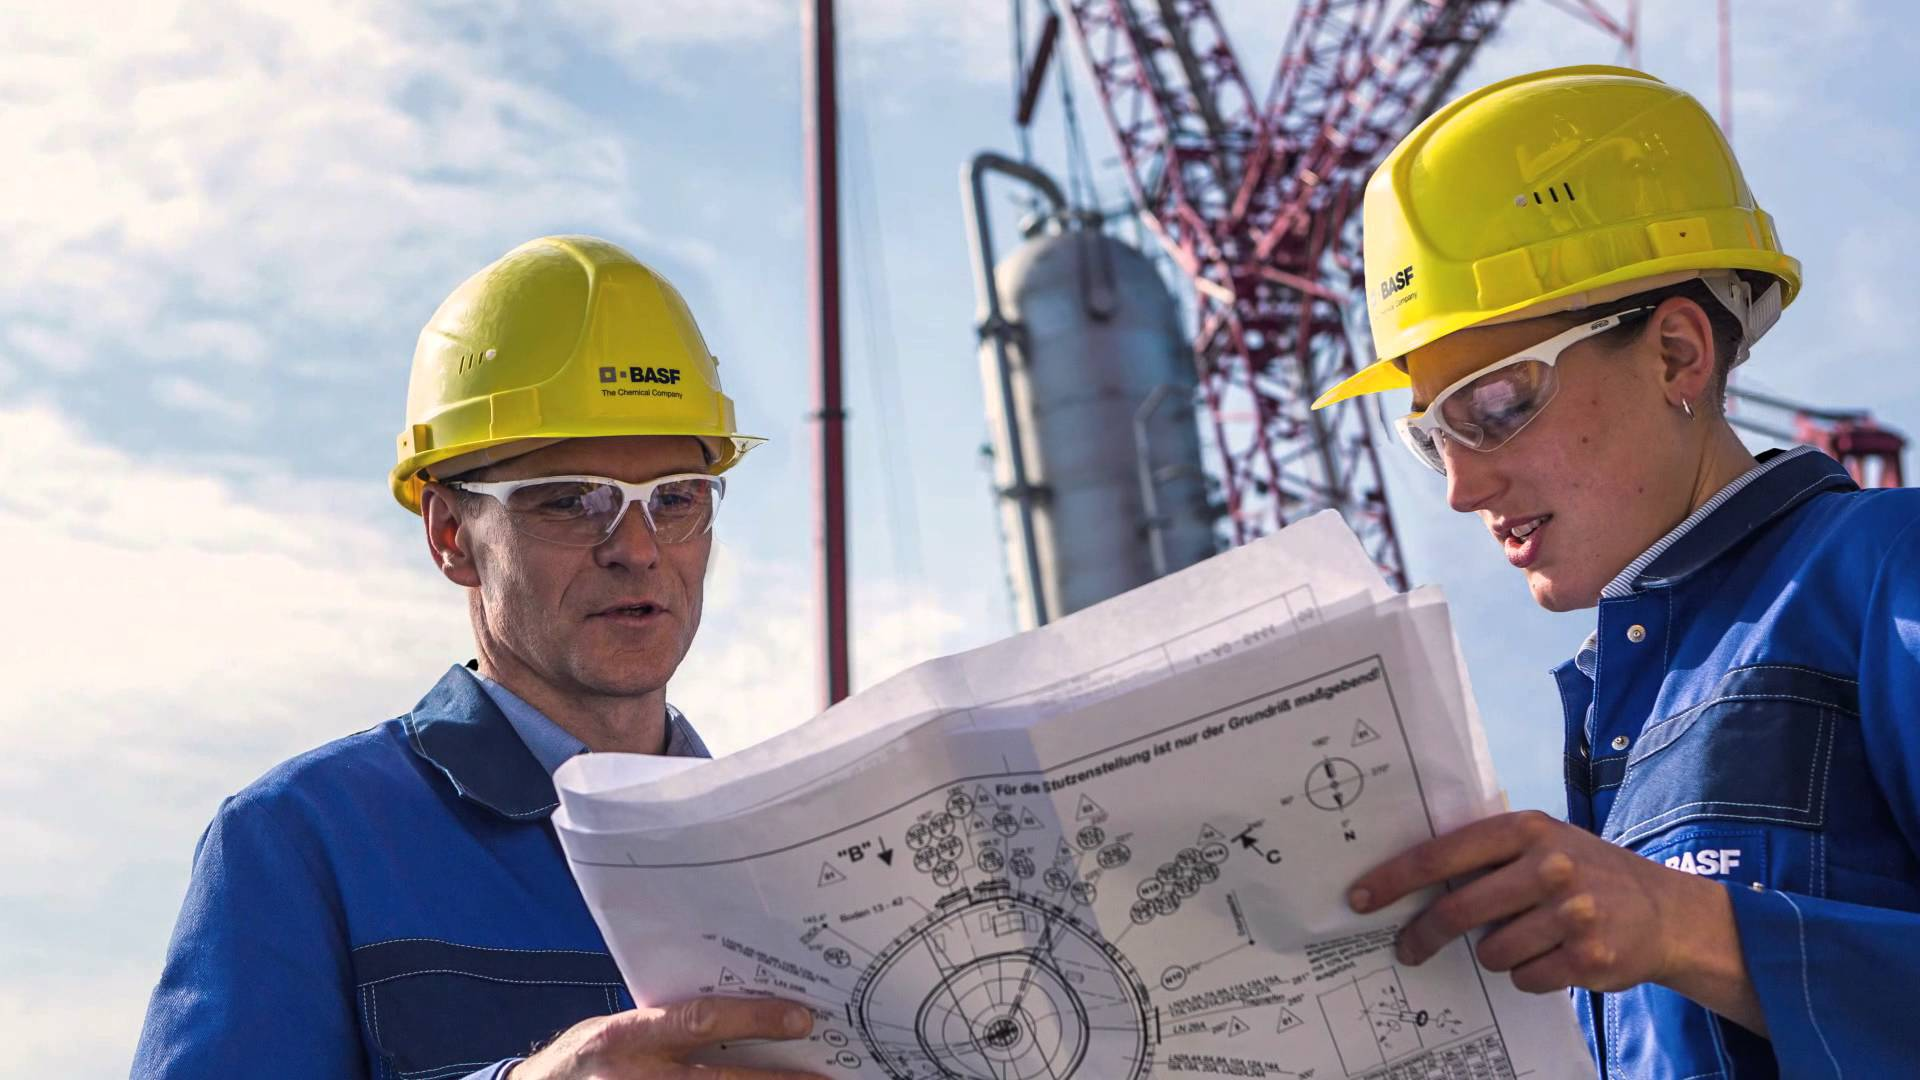 Guia de salários da Engenharia 2019: confira quanto ganha cada profissional